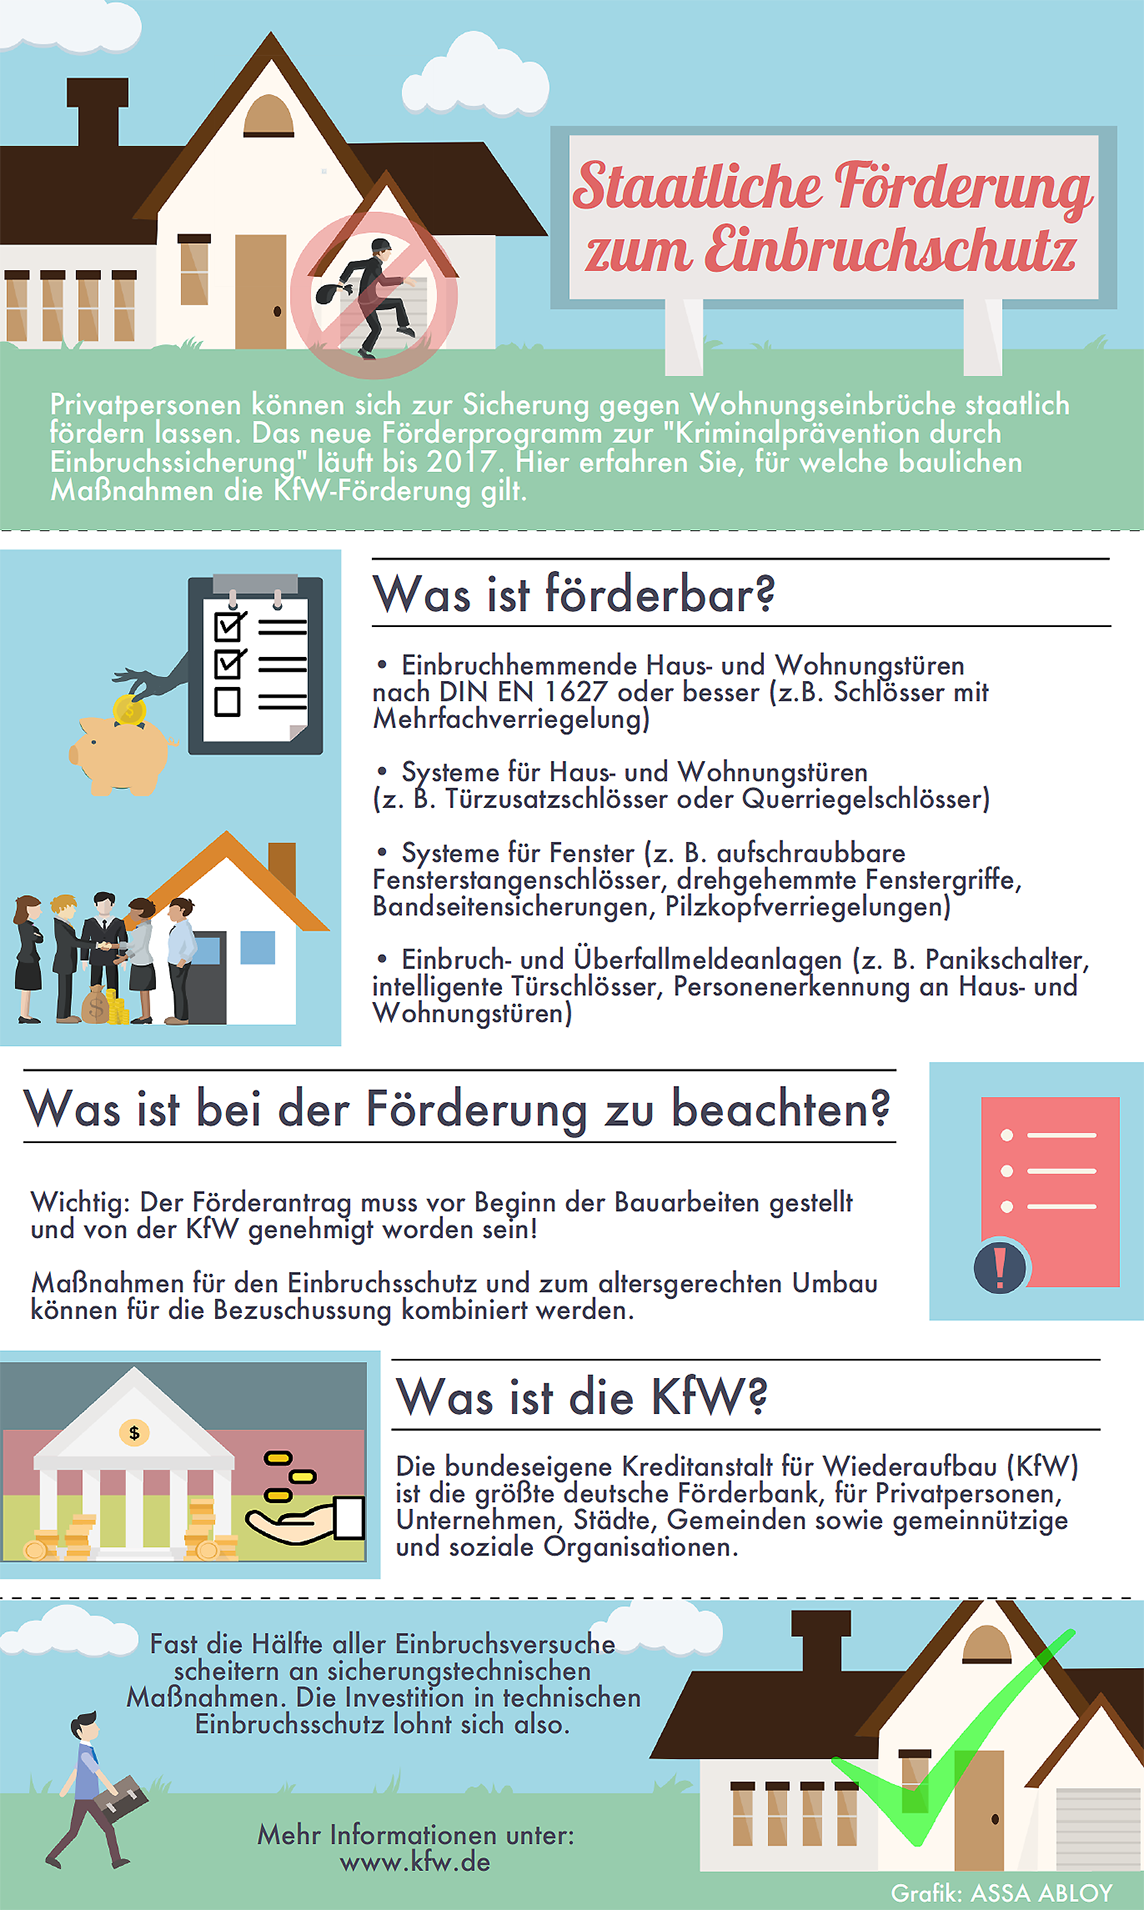 plakative infografik zur erinnerung staatliche f rderung. Black Bedroom Furniture Sets. Home Design Ideas